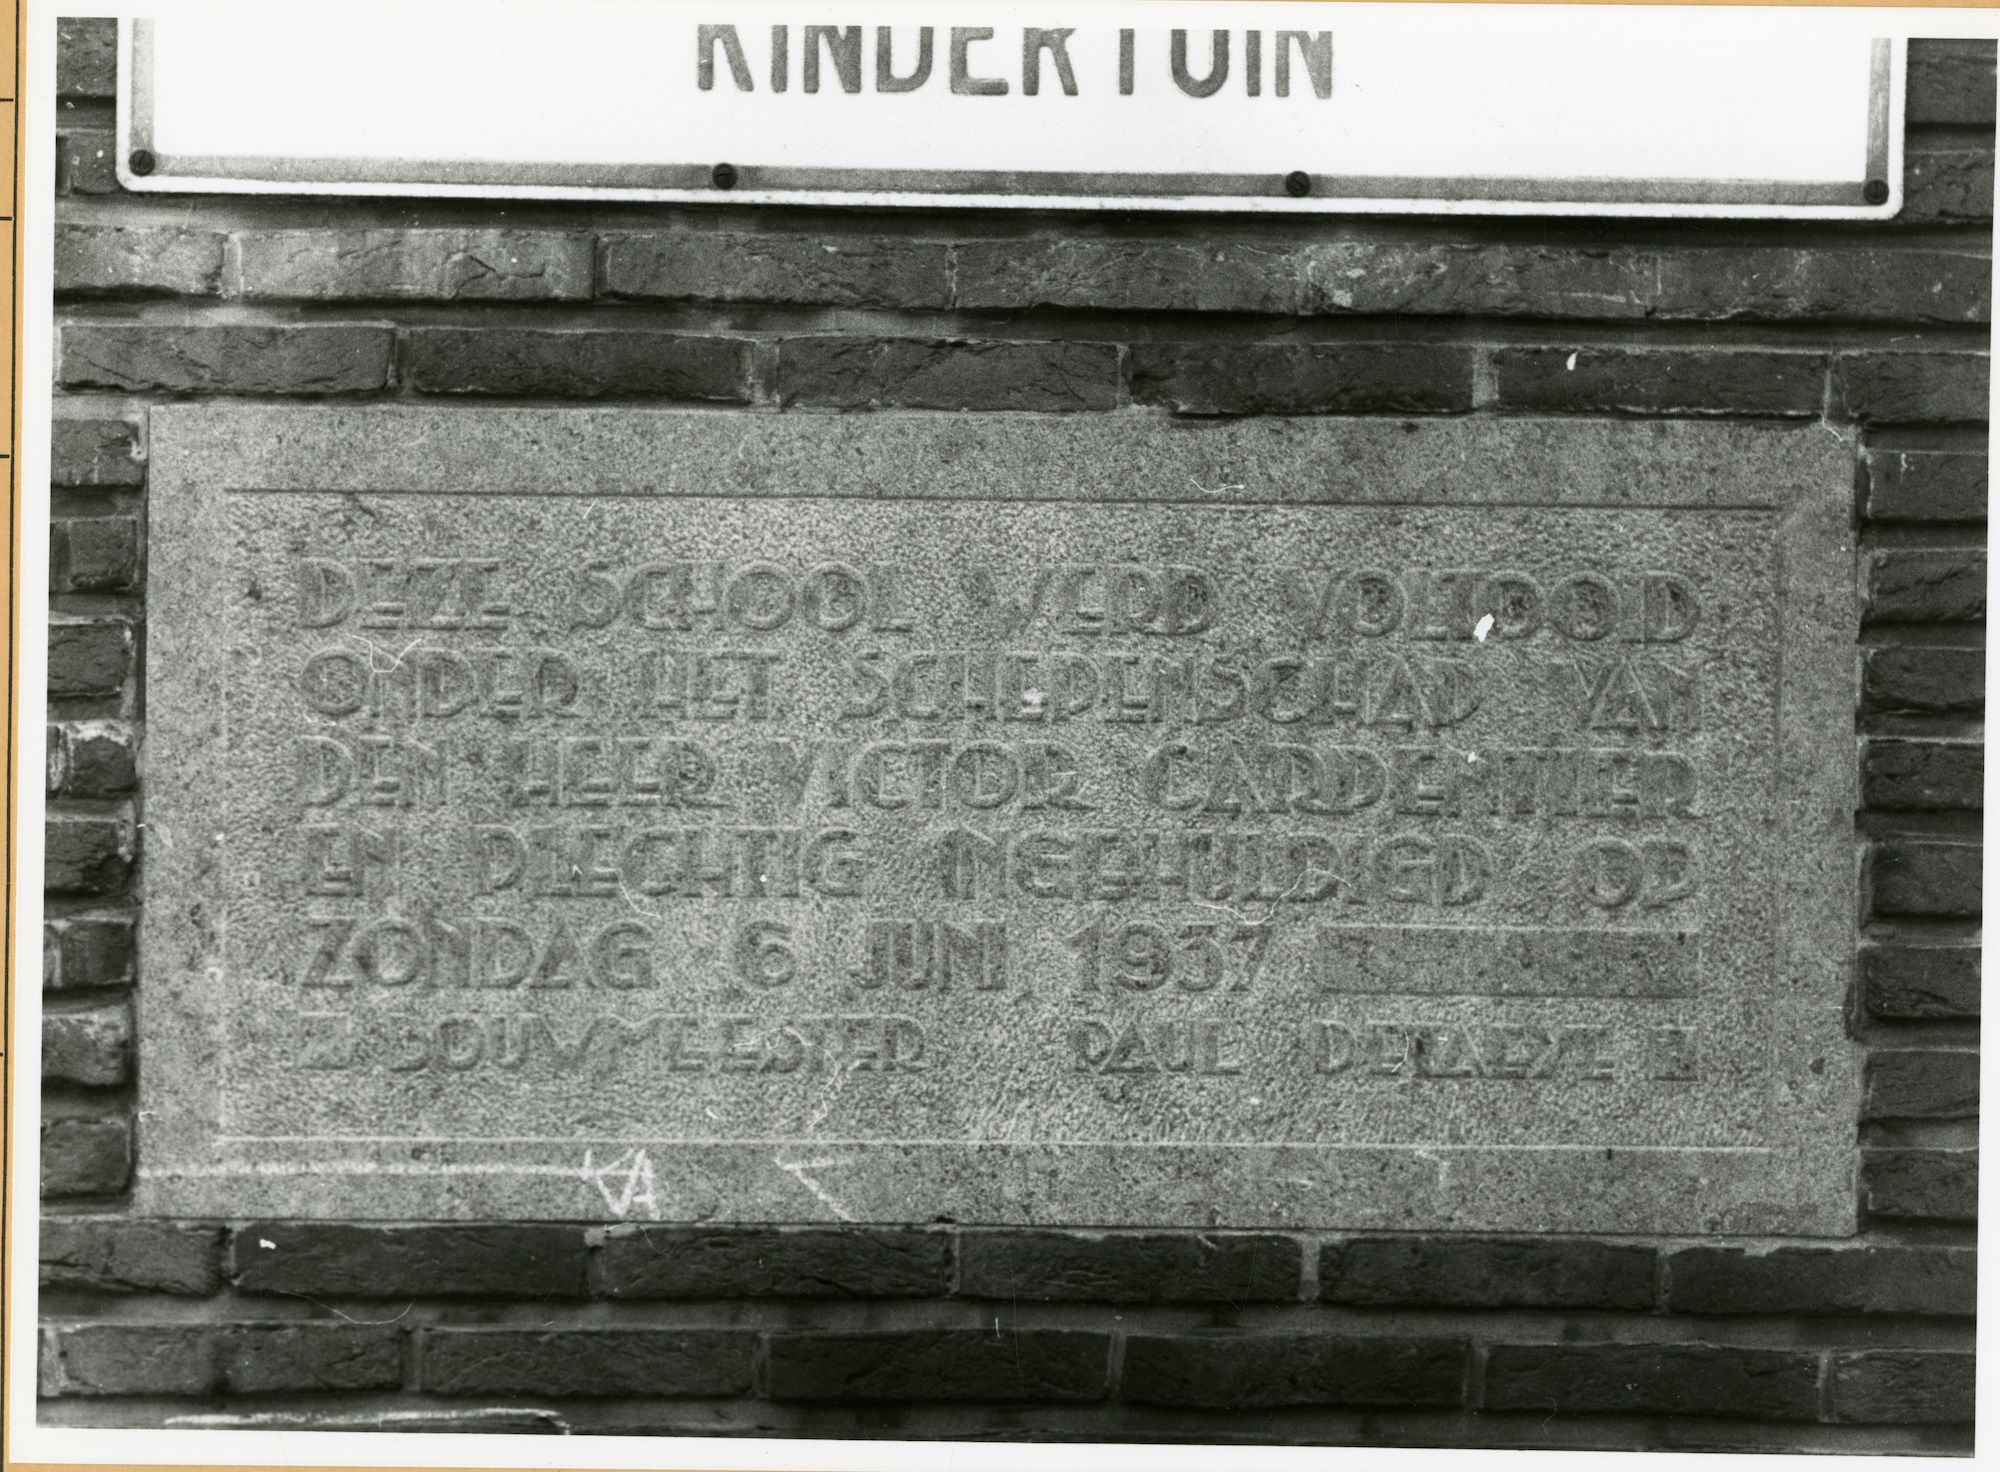 Gent: Grensstraat 188: gedenksteen: stadsschool, 1979